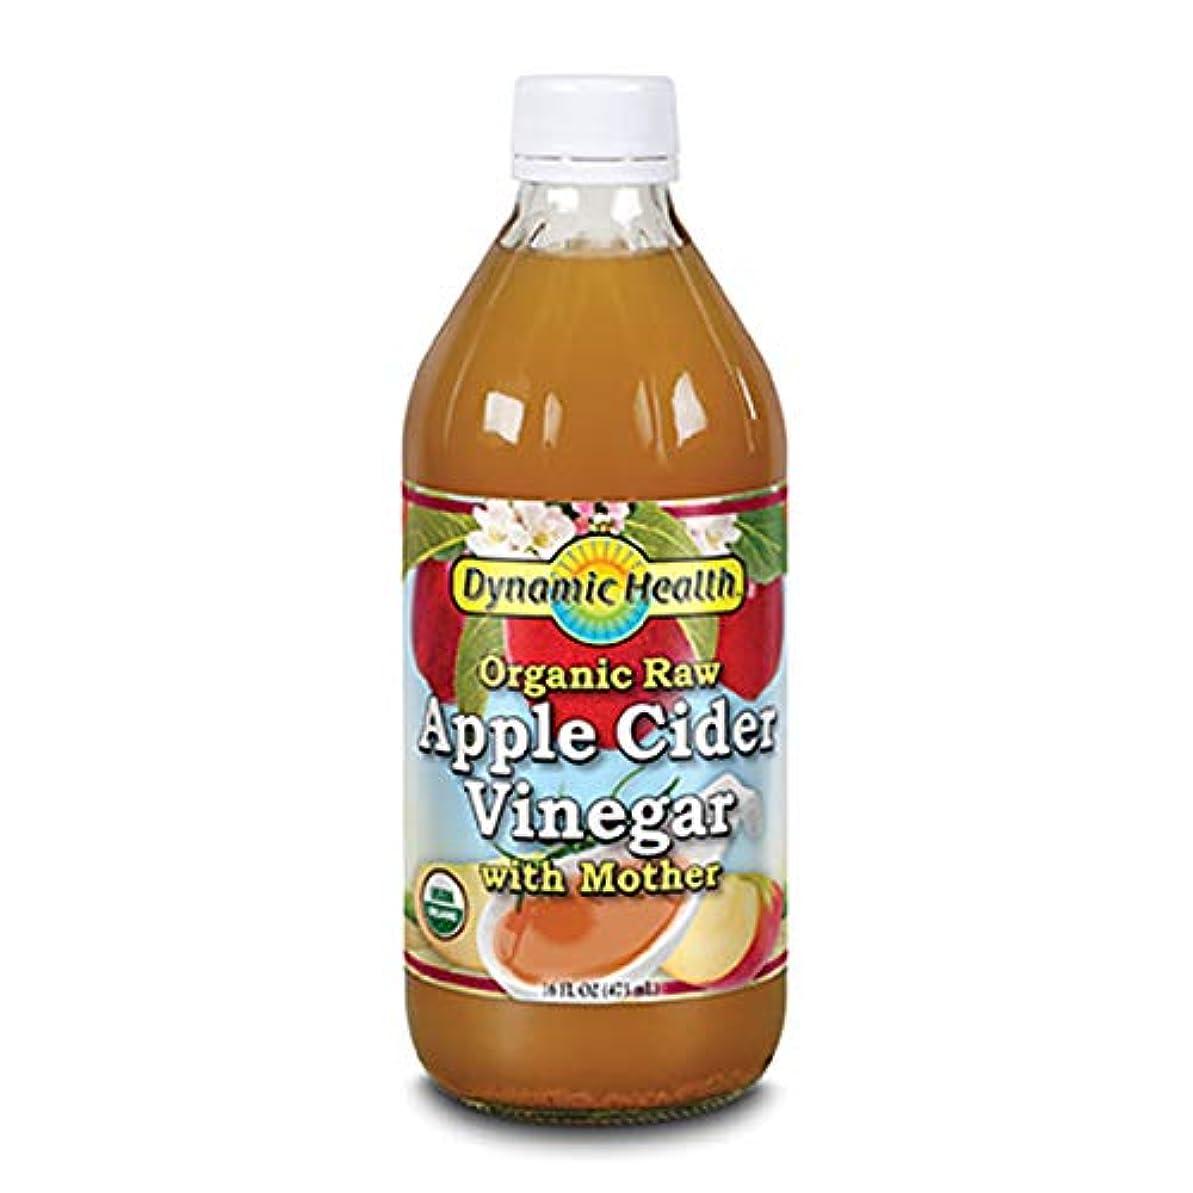 レバー監督する汚すDynamic Health Organic Raw Apple Cider Vinegar With Mother  16 oz (473ml) [並行輸入品]